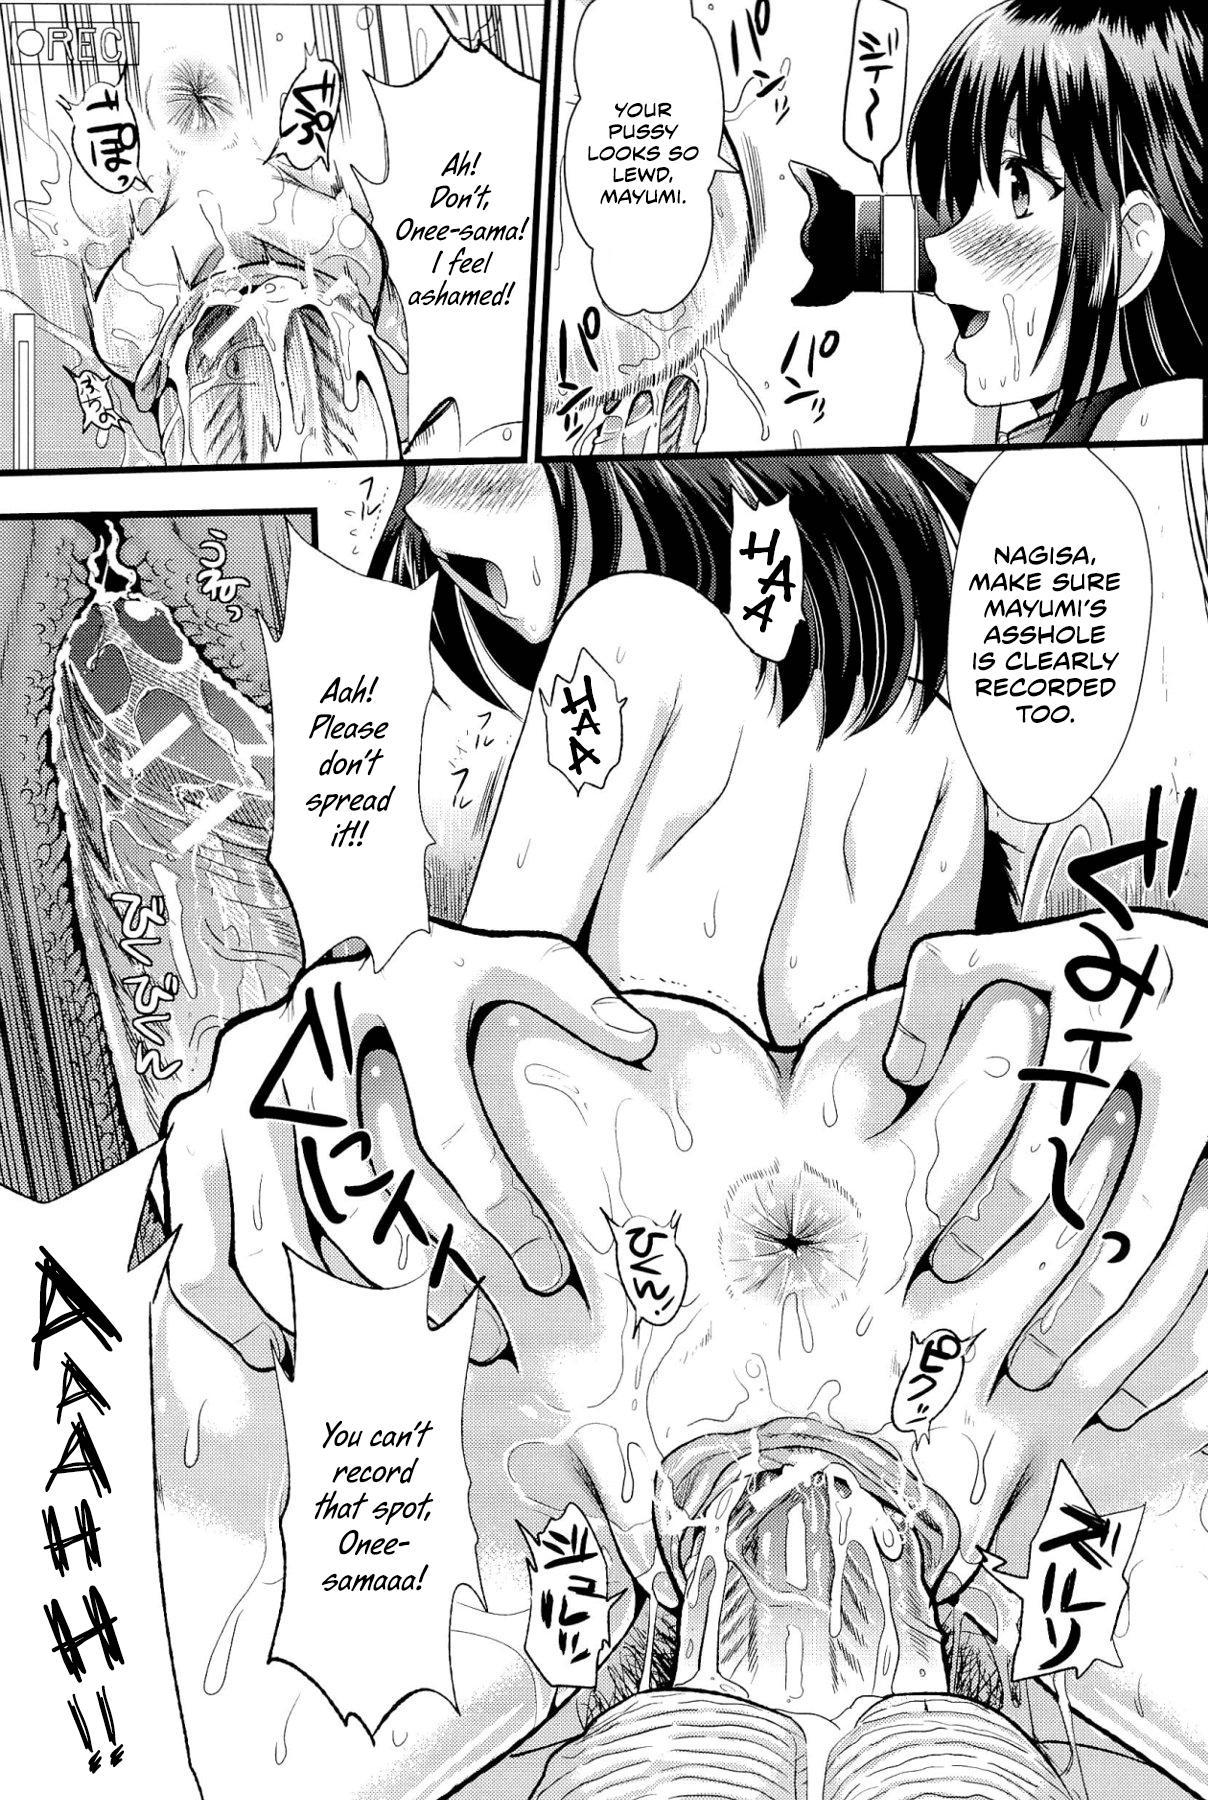 [Kojima Saya] Boku to Kanojo no Shujuu Kankei - Me And Her Master-Servant Relationship Ch. 1-3 [English] [freudia] 76